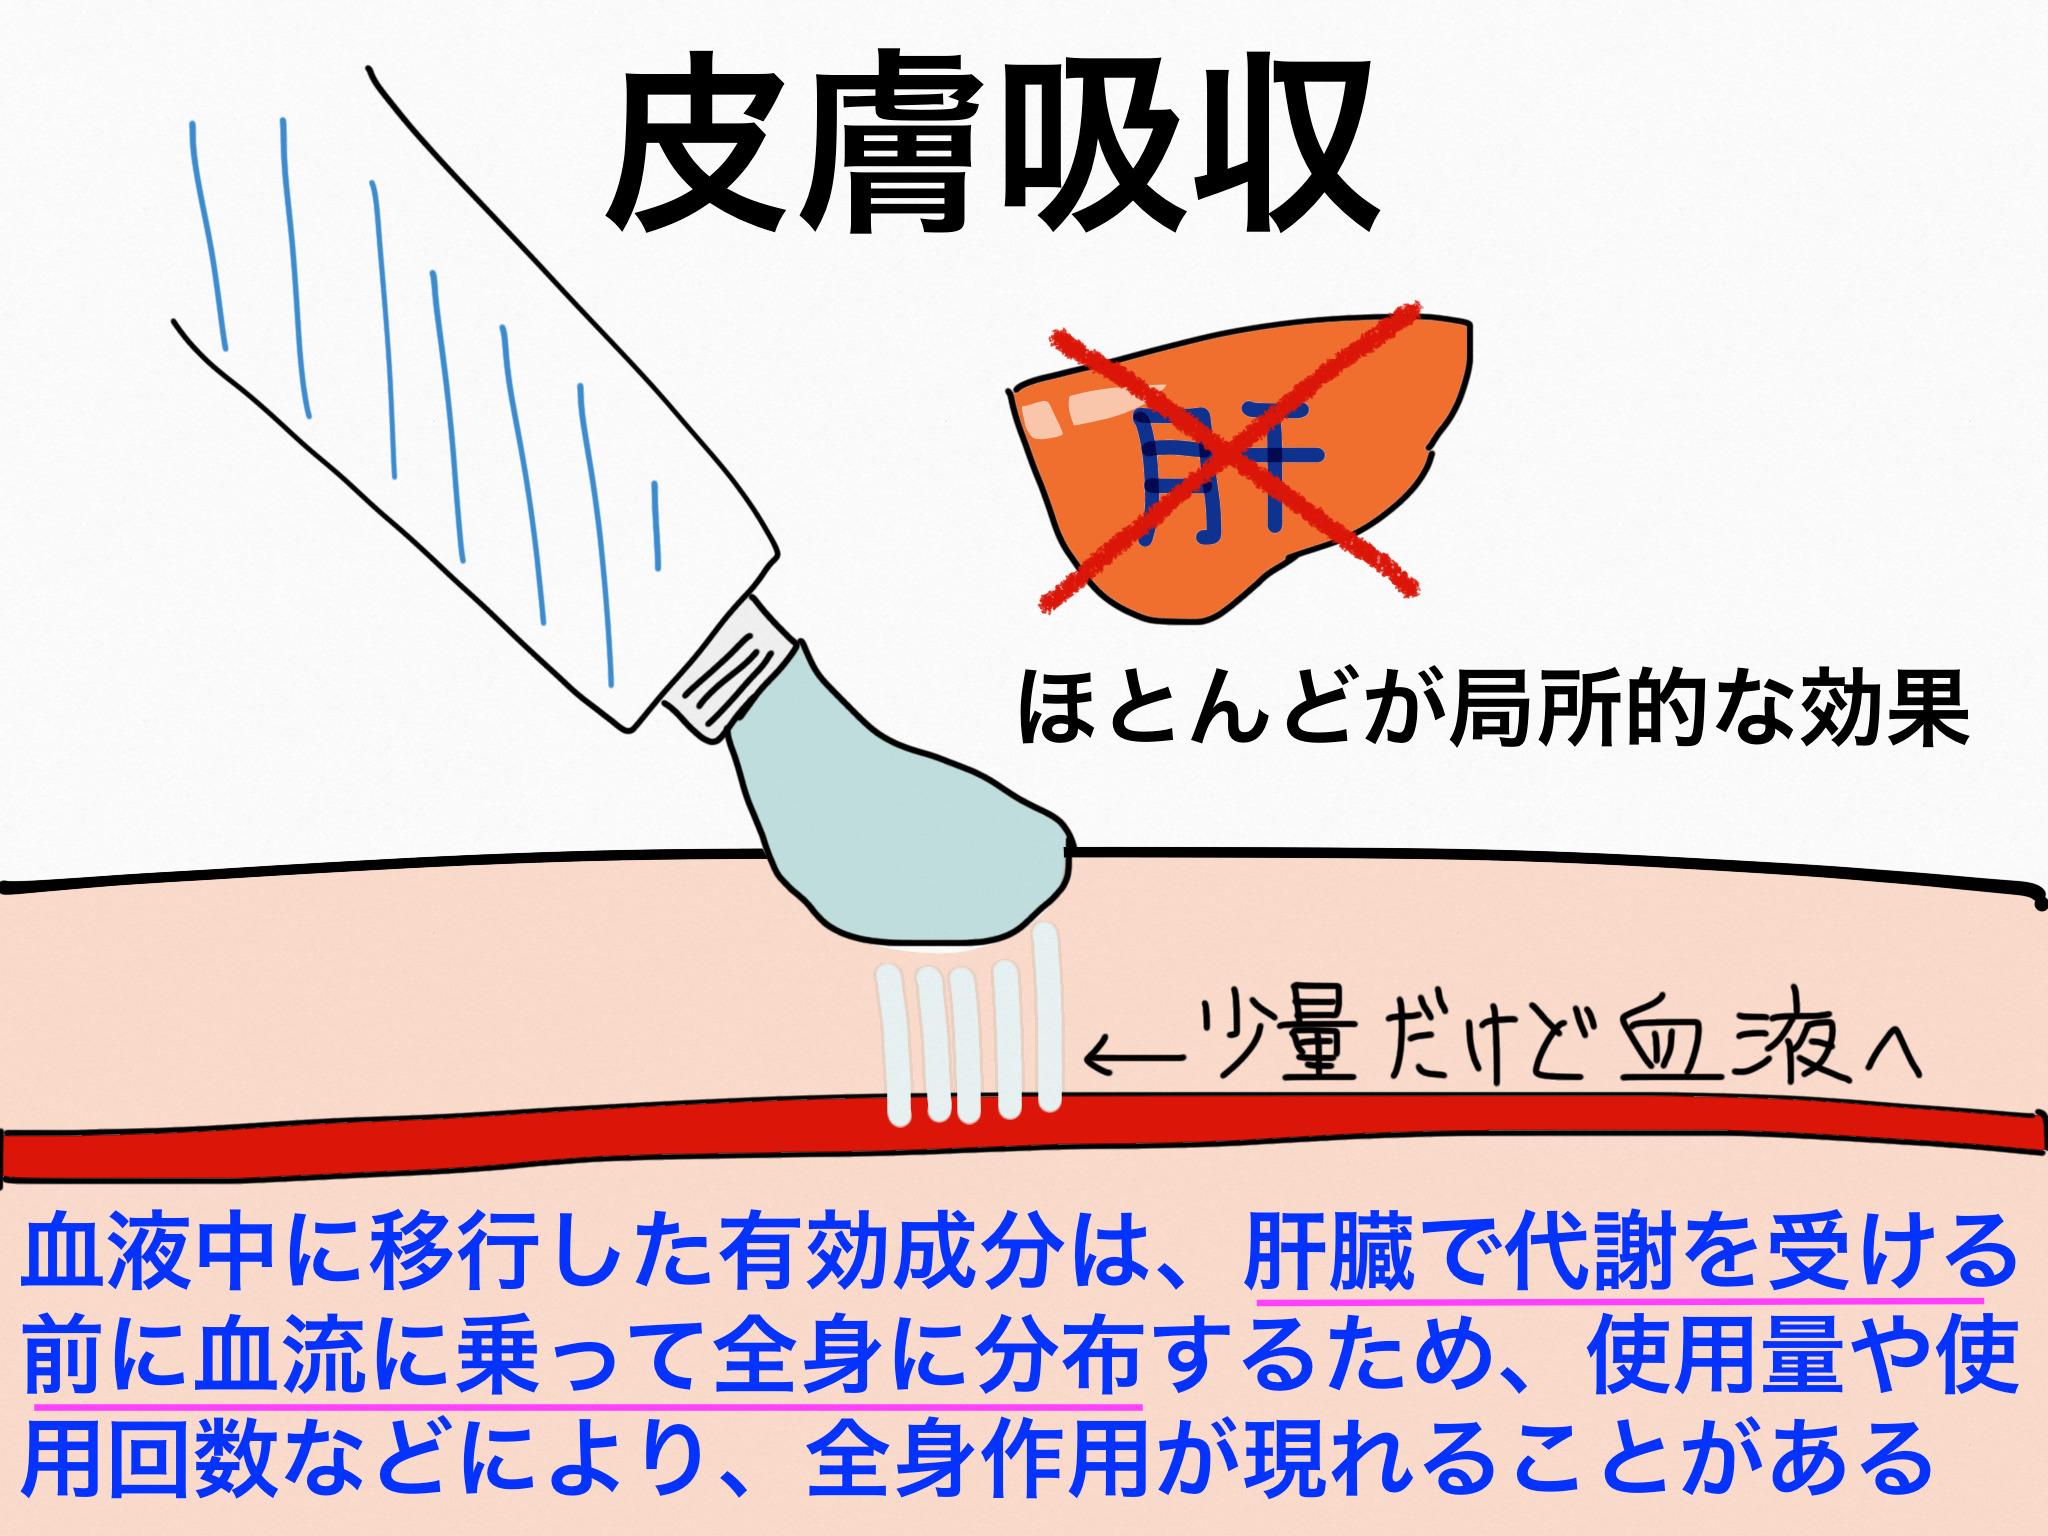 皮膚吸収【第2章の覚え方】